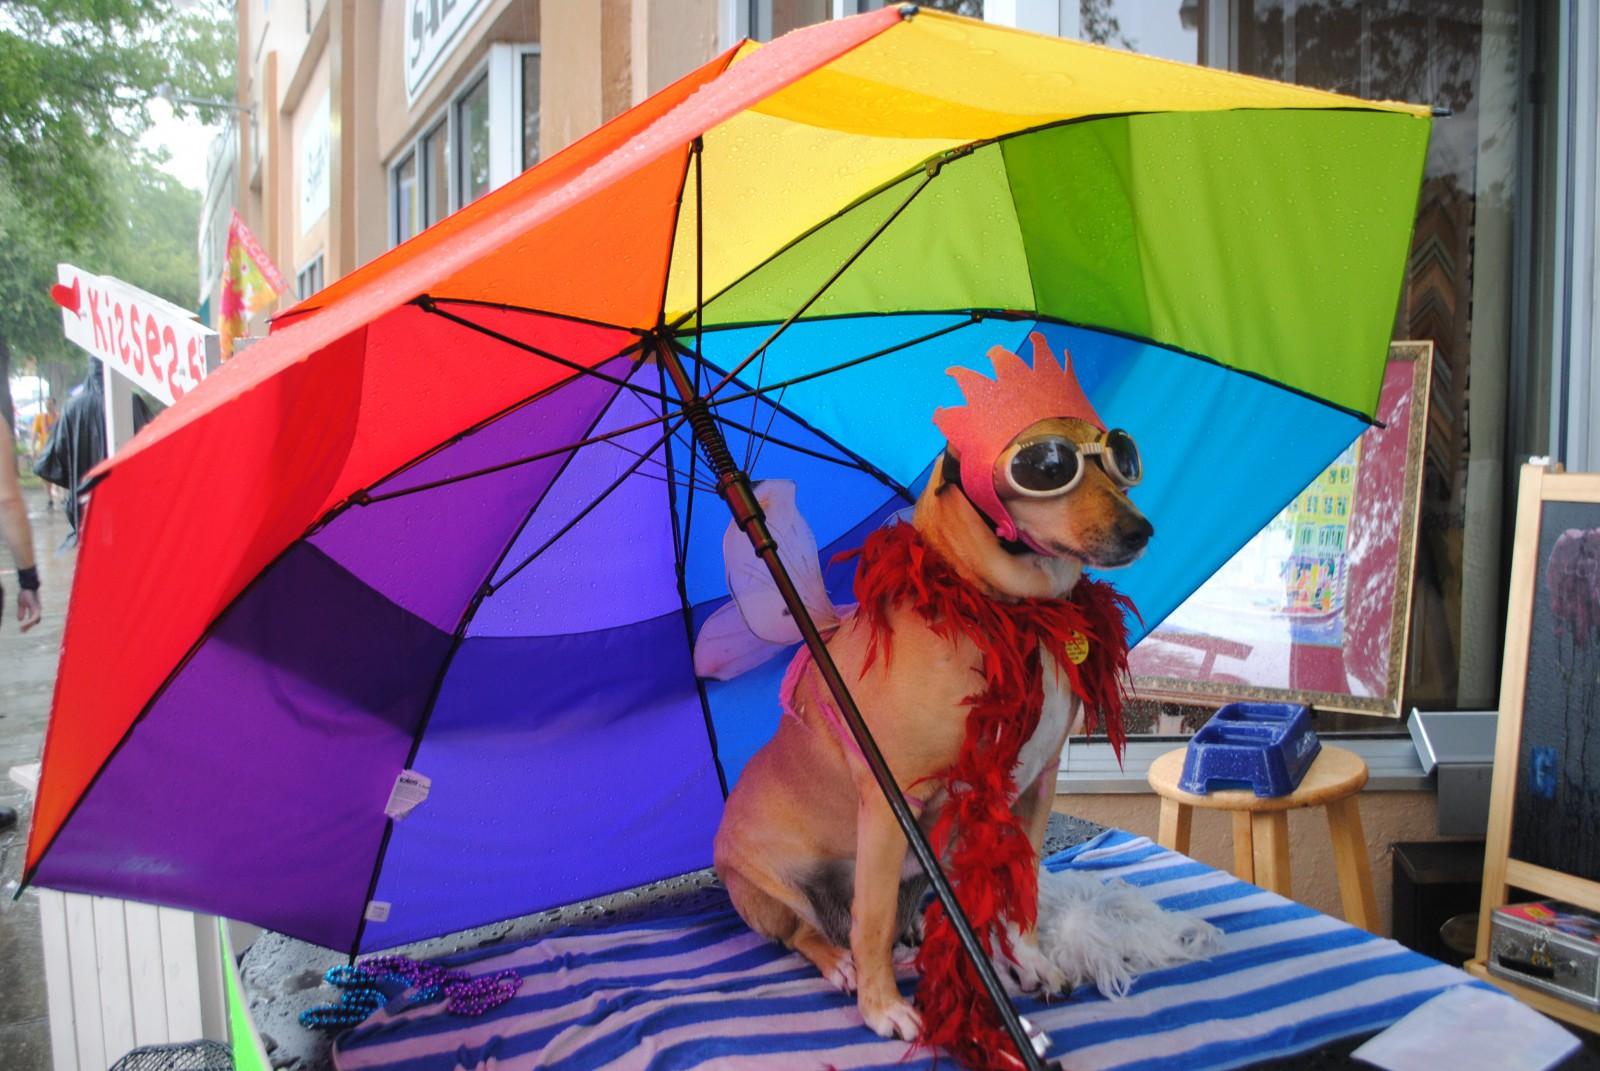 Pause unterm Schirm